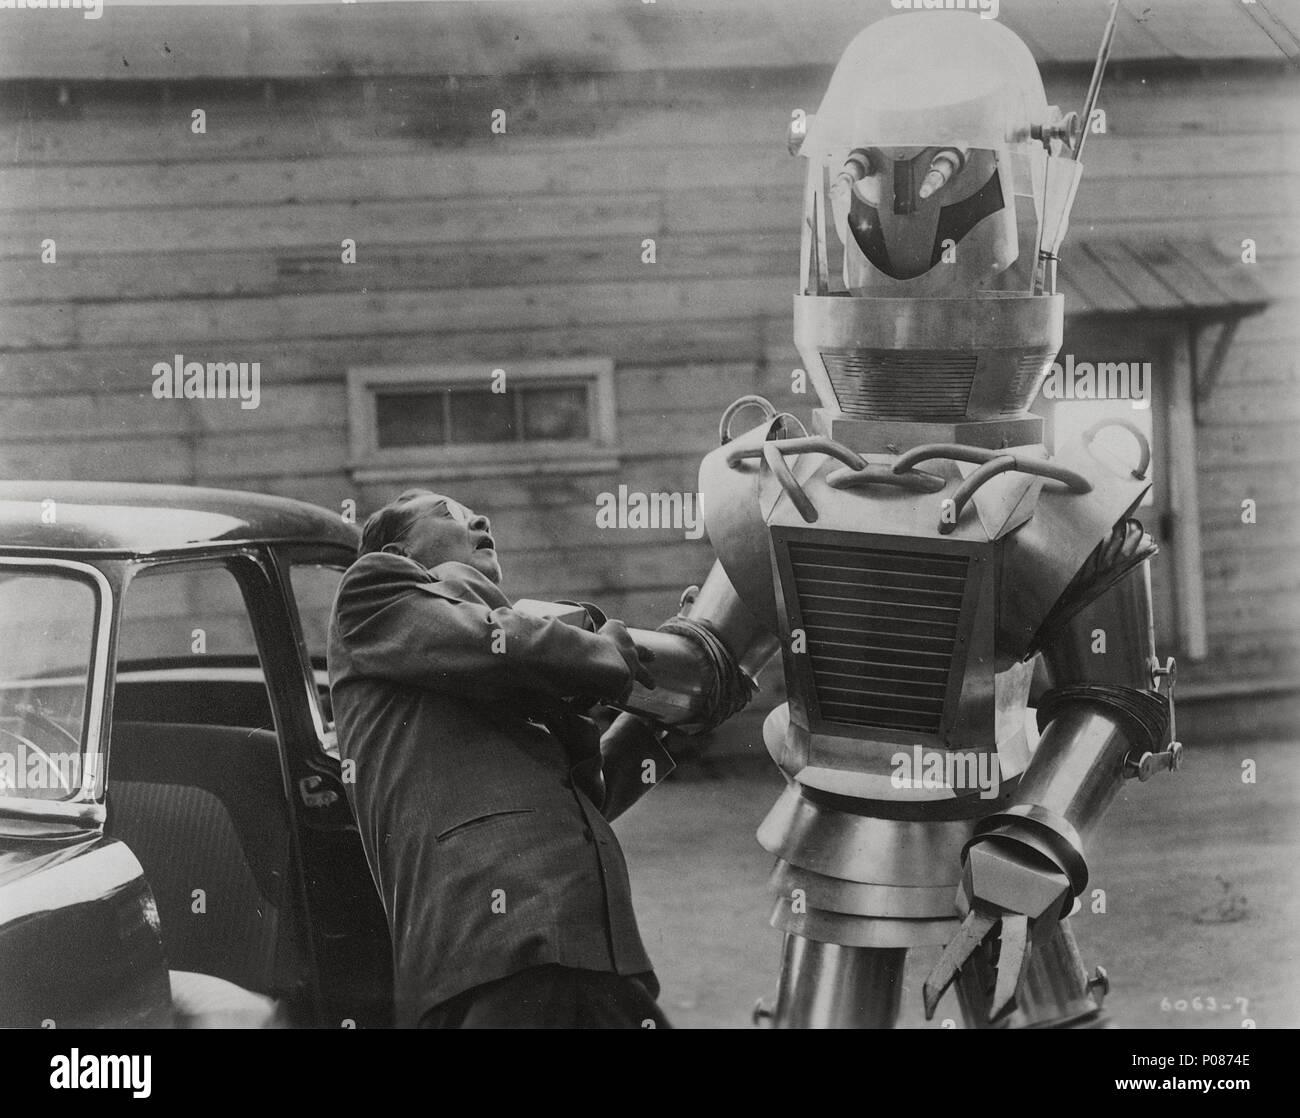 Original Film Title: TOBOR THE GREAT.  English Title: TOBOR THE GREAT.  Film Director: LEE SHOLEM.  Year: 1954. Credit: REPUBLIC PICTURES / Album - Stock Image